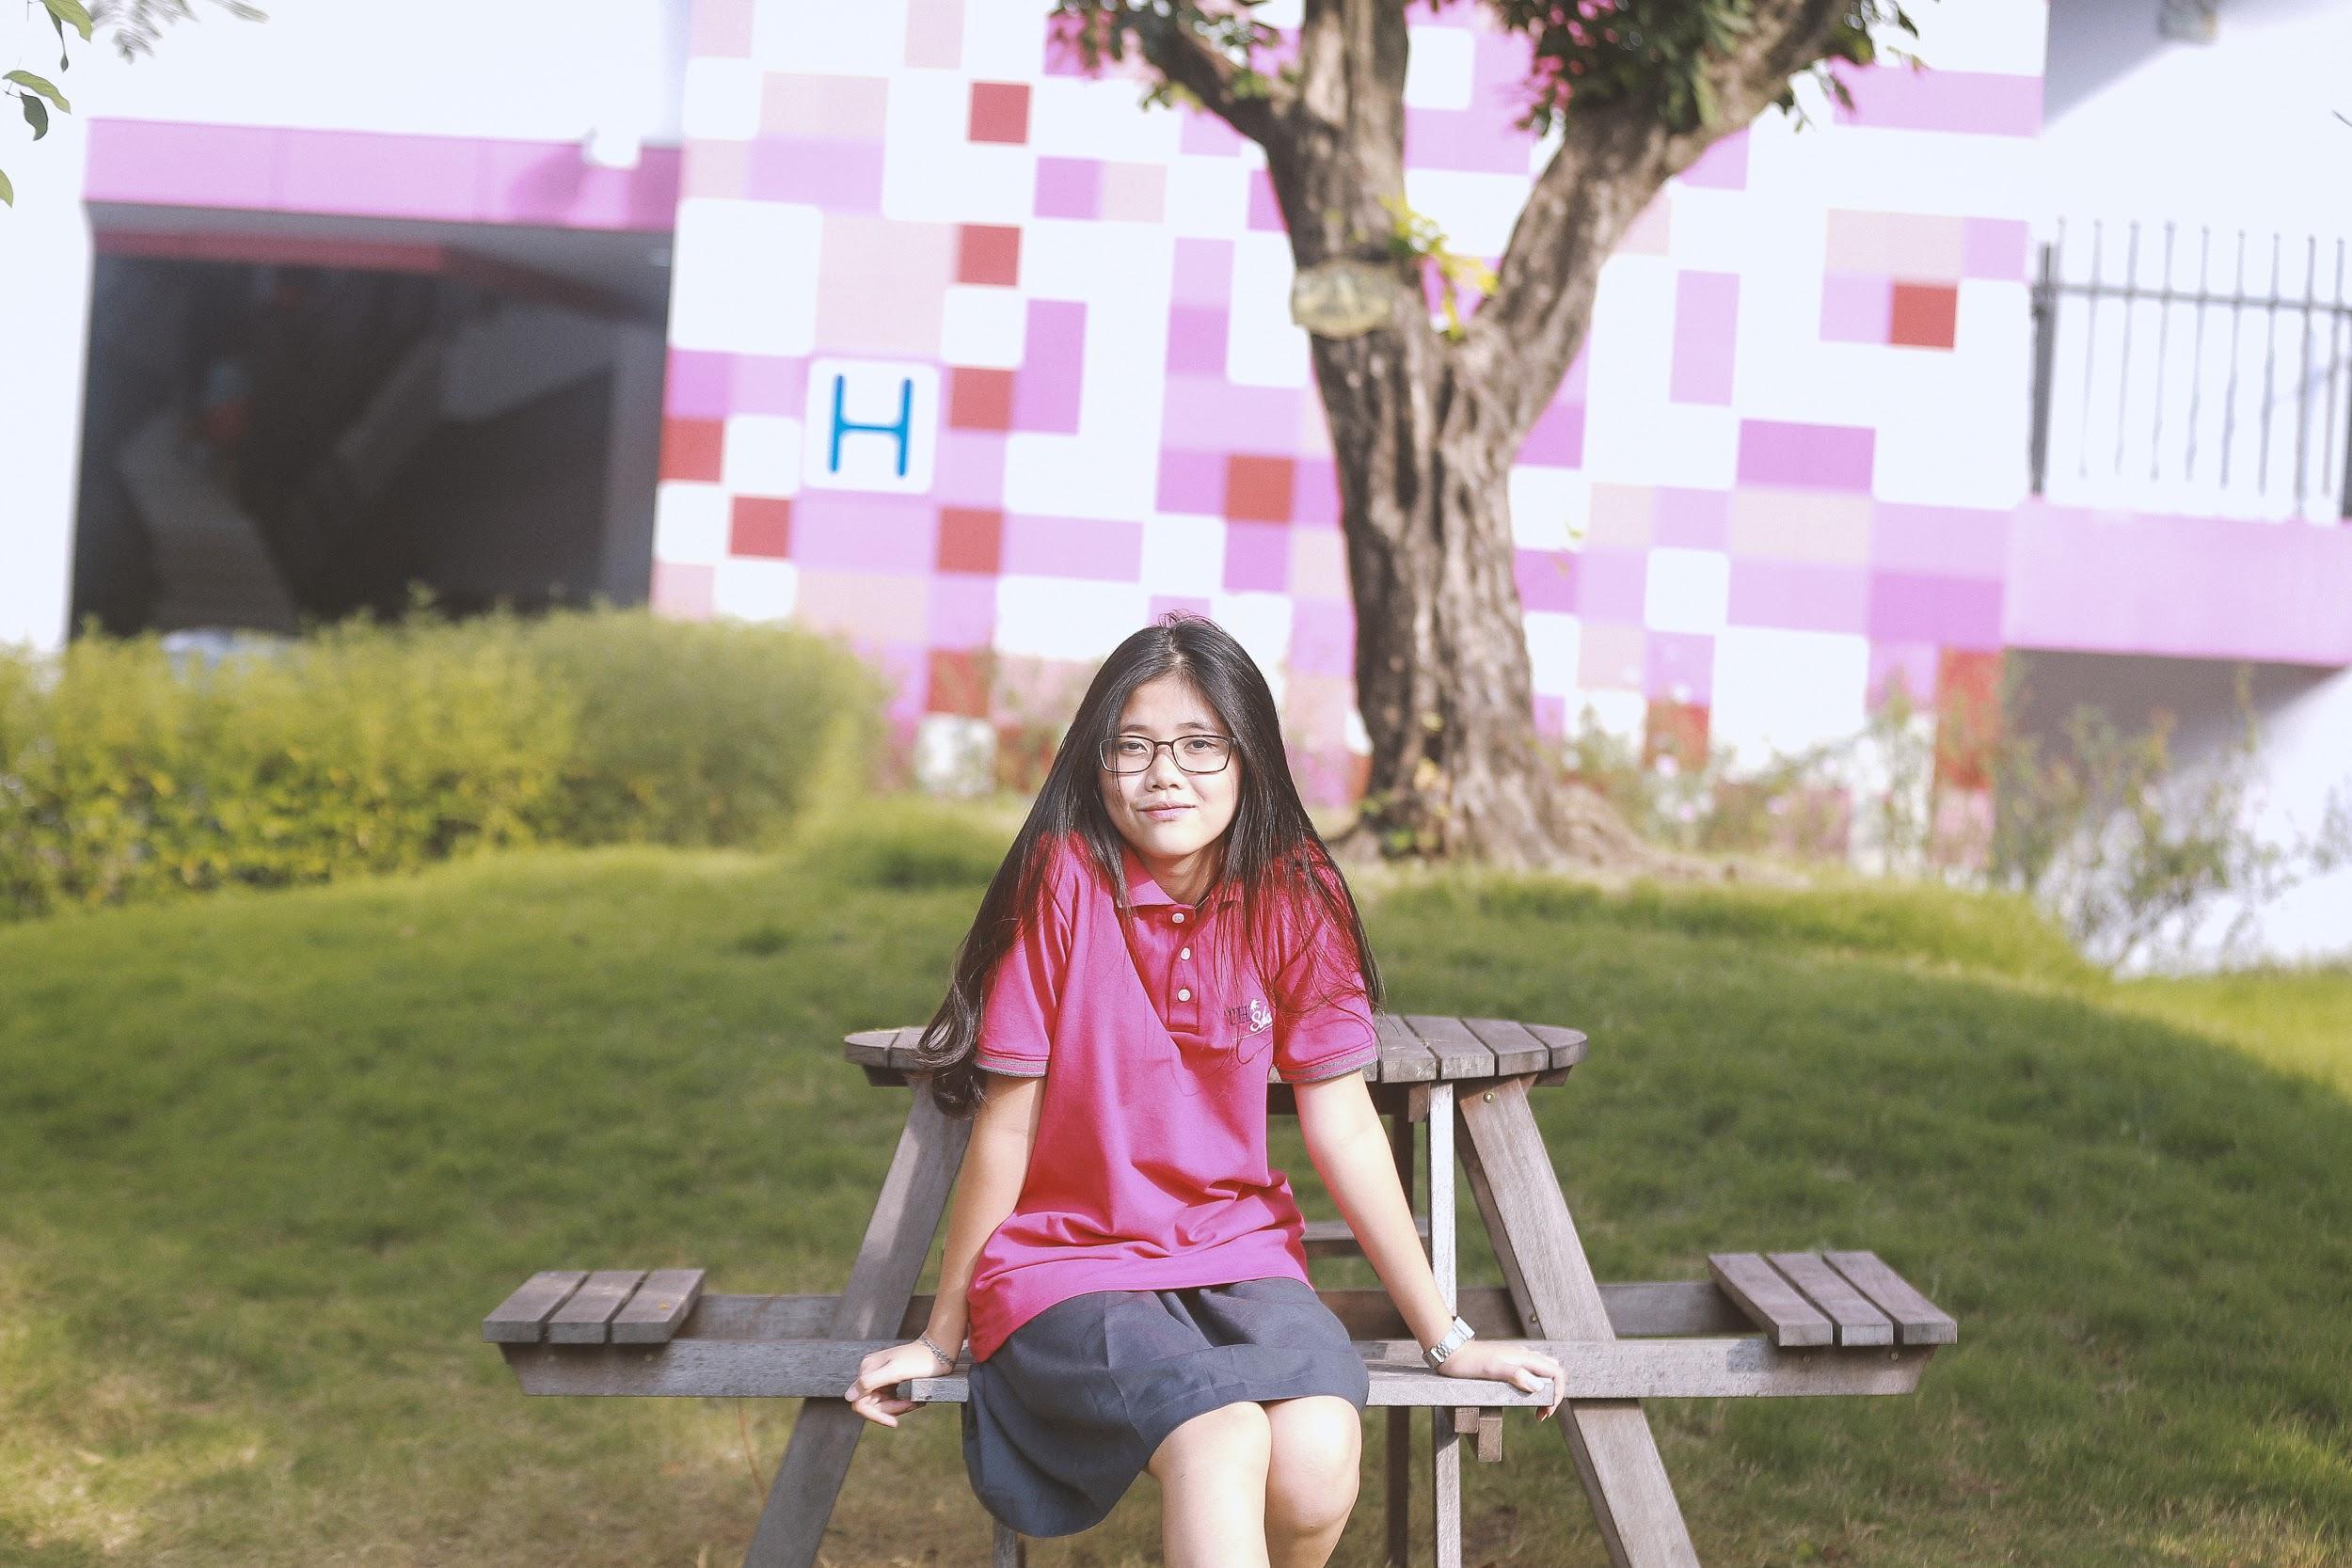 Những ước mơ được viết ở TH School: Khi trường học là một ngôi nhà lớn hạnh phúc - Ảnh 5.